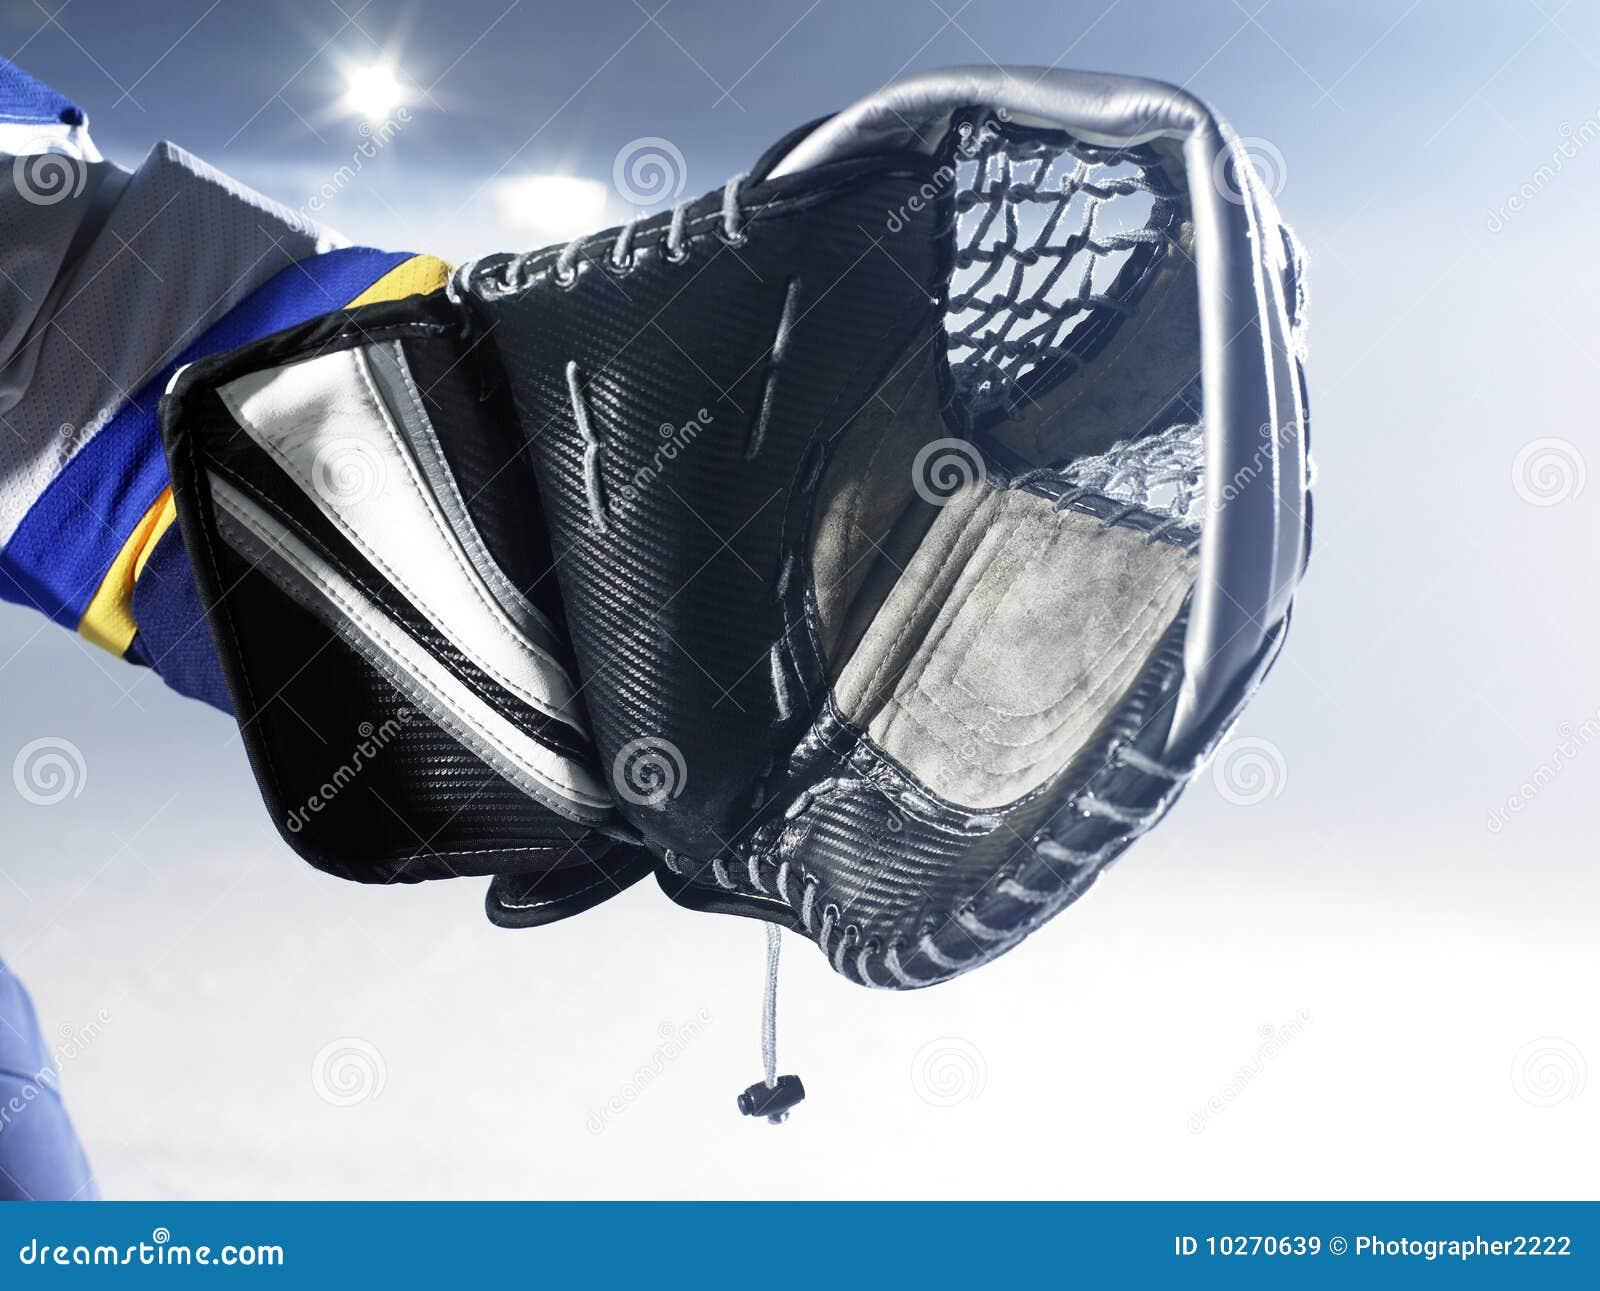 gant de gardien de but de hockey sur glace image stock image du conomiser glace 10270639. Black Bedroom Furniture Sets. Home Design Ideas